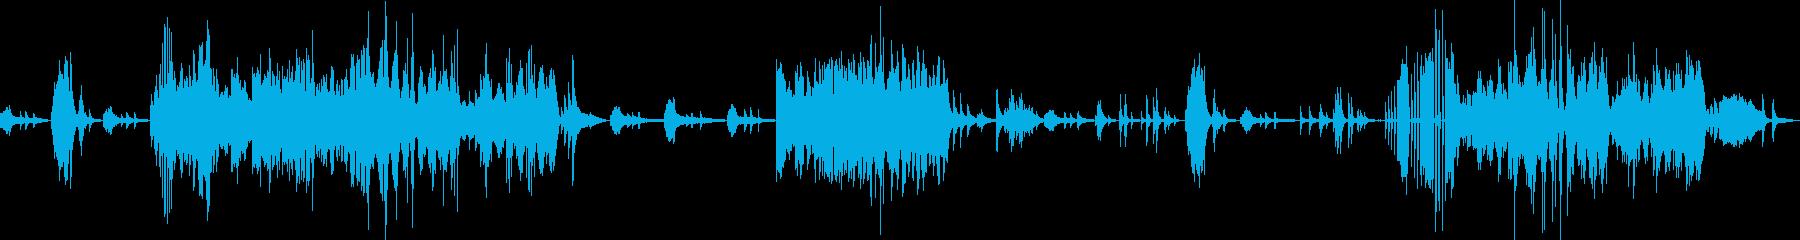 ベートーヴェン ピアノソナタ テンペストの再生済みの波形